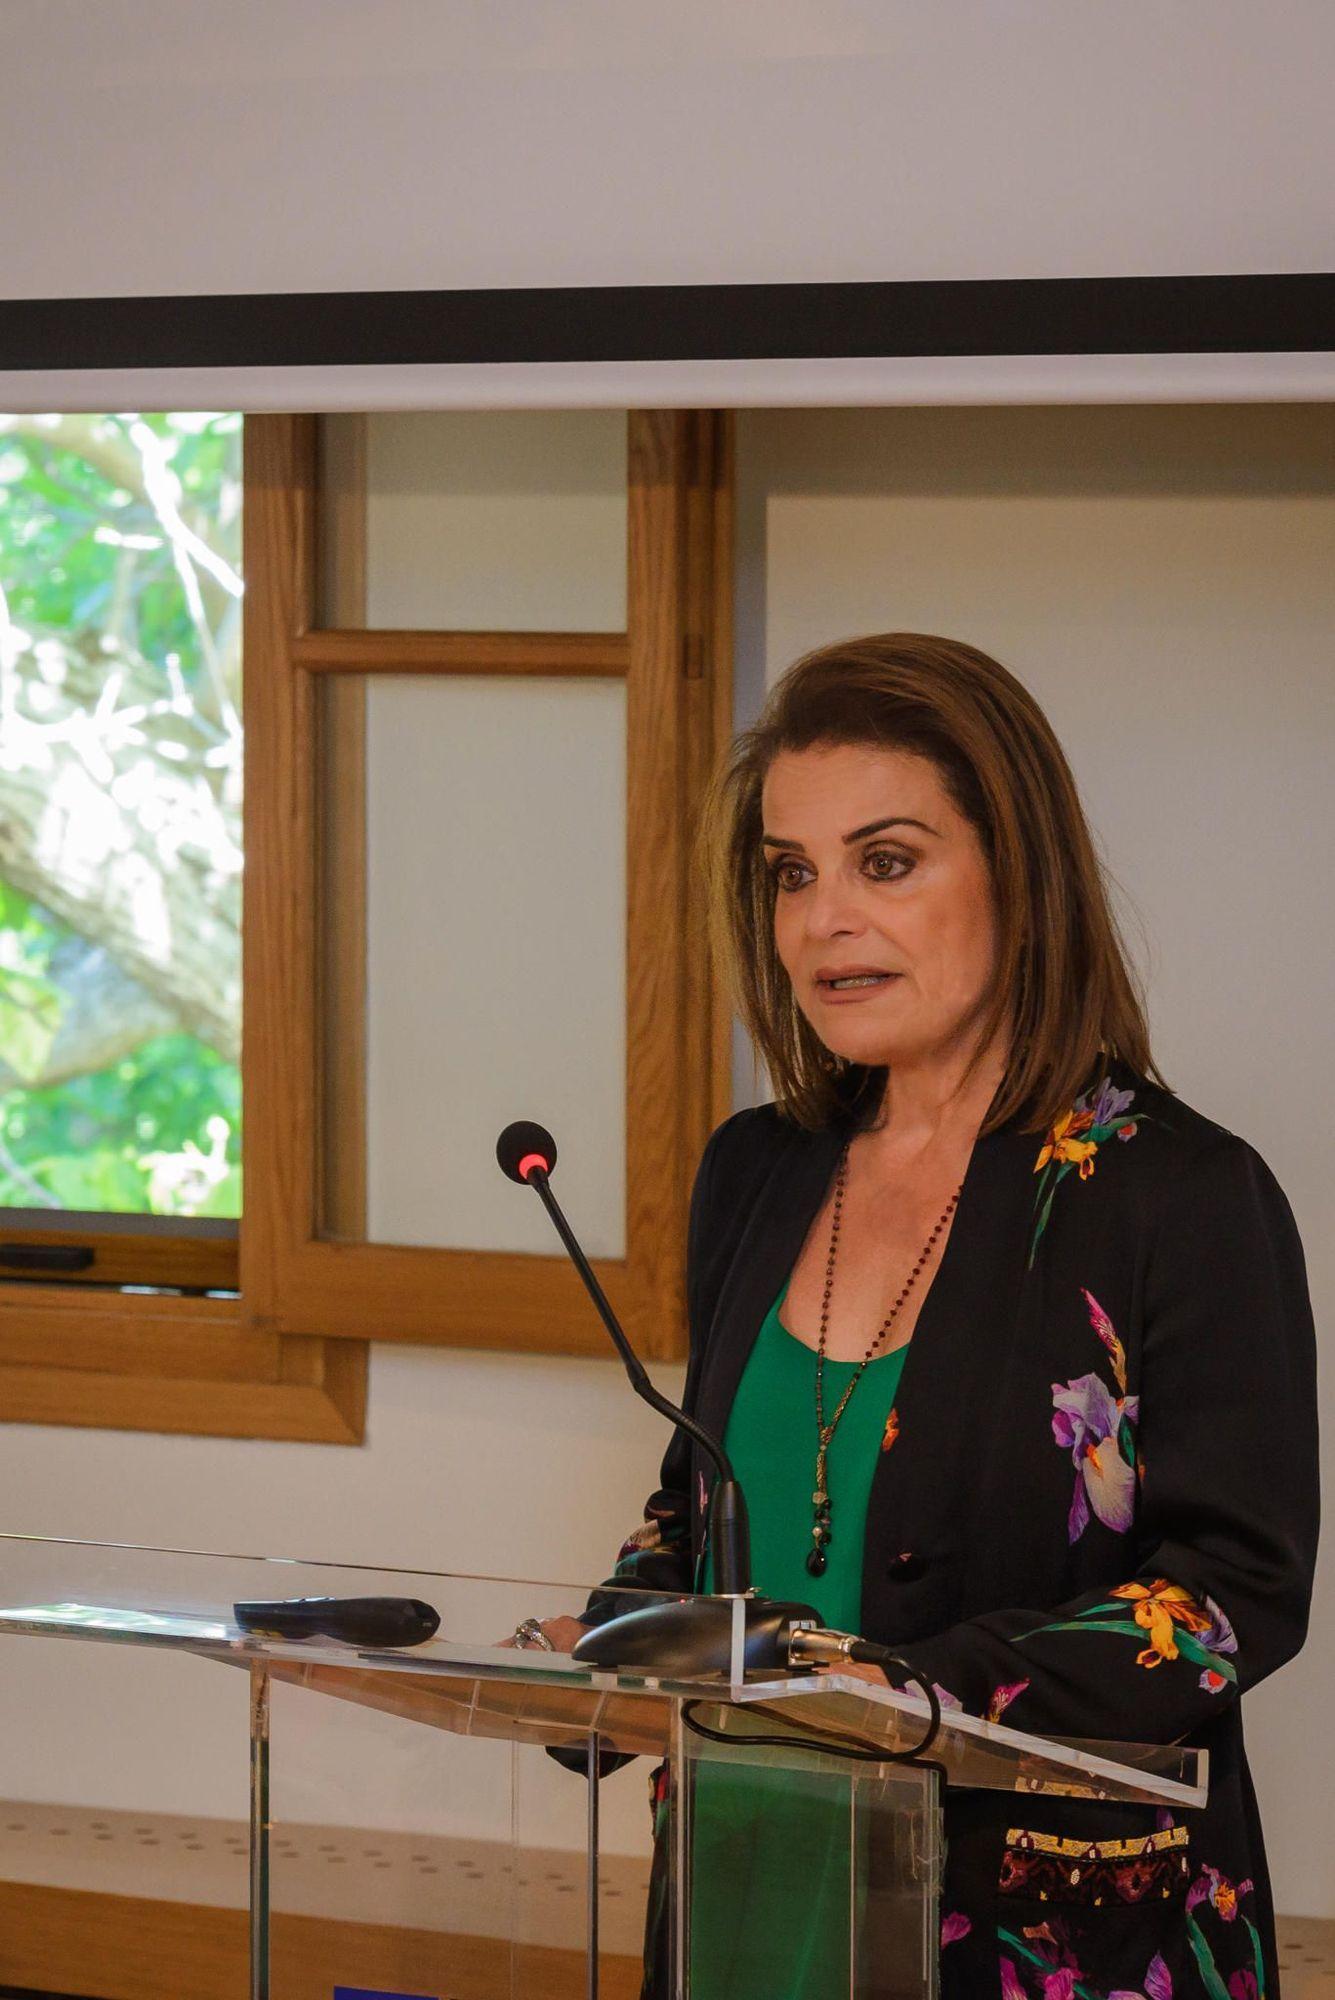 Η Πρόεδρος του Πολιτιστικού Ιδρύματος Ομίλου Πειραιώς κ. Σοφία Στάϊκου.